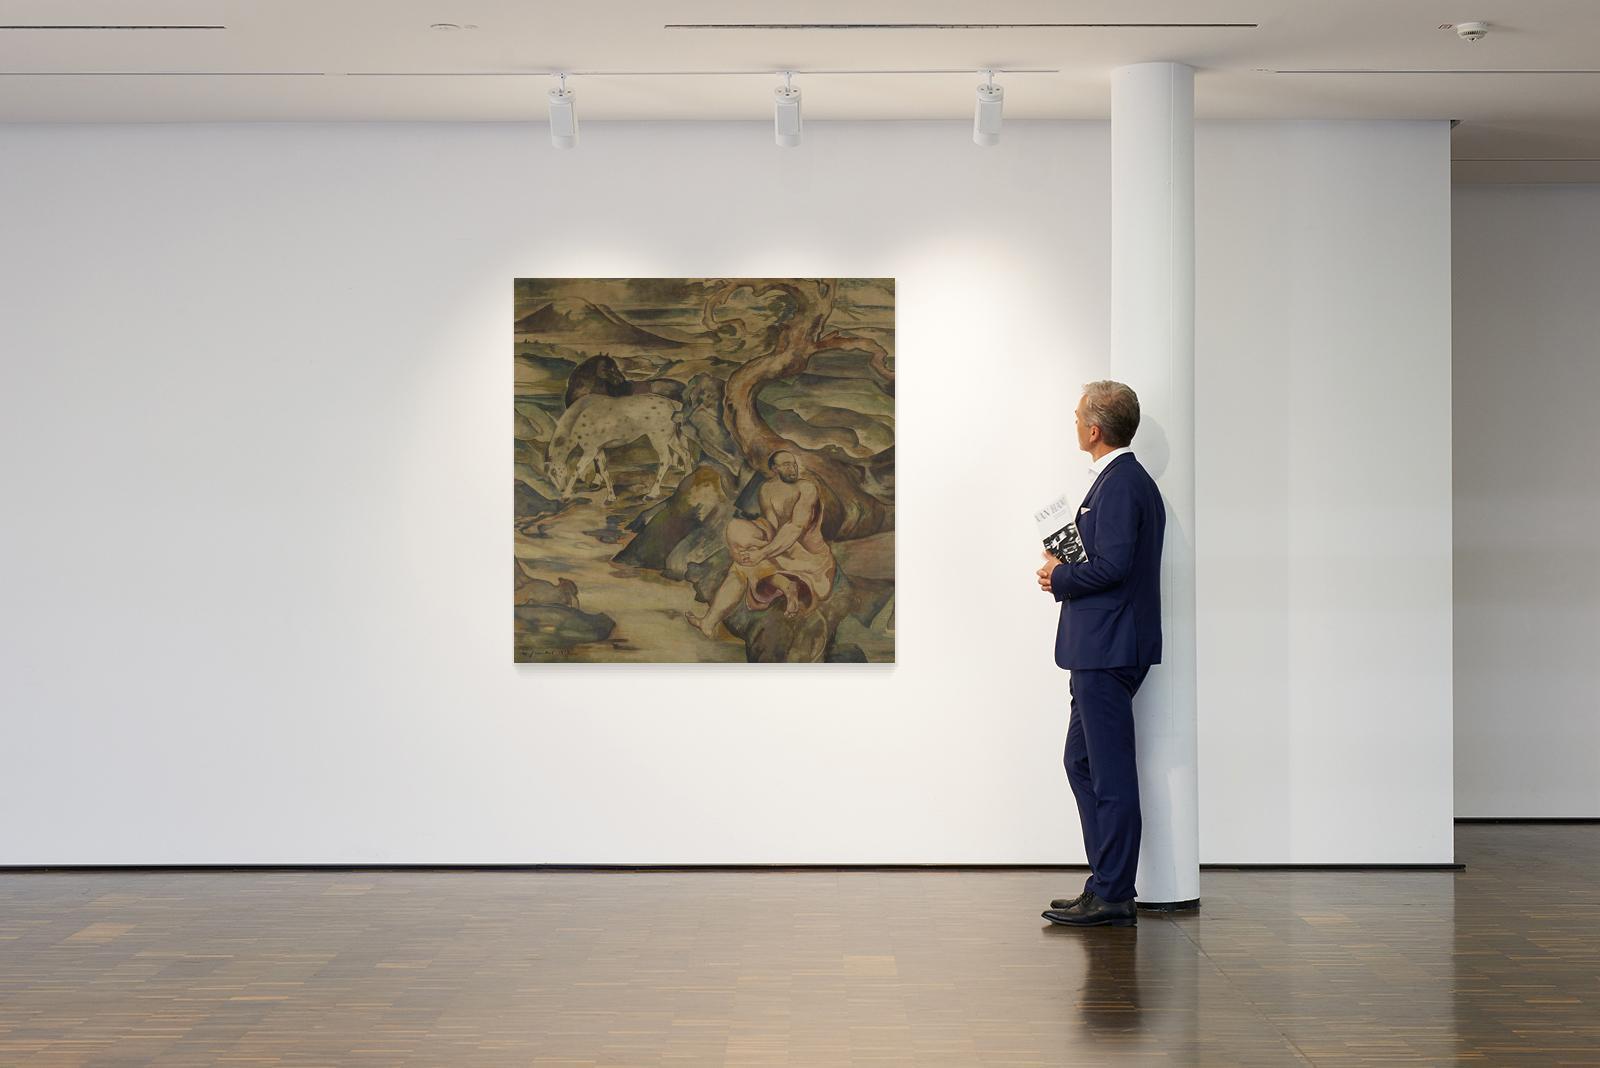 Jaeckel, Willy1888 Wroclaw - 1944 BerlinGroße Landschaft mit Pferden. 1913. Tempera on canvas. 155 x - Bild 2 aus 2